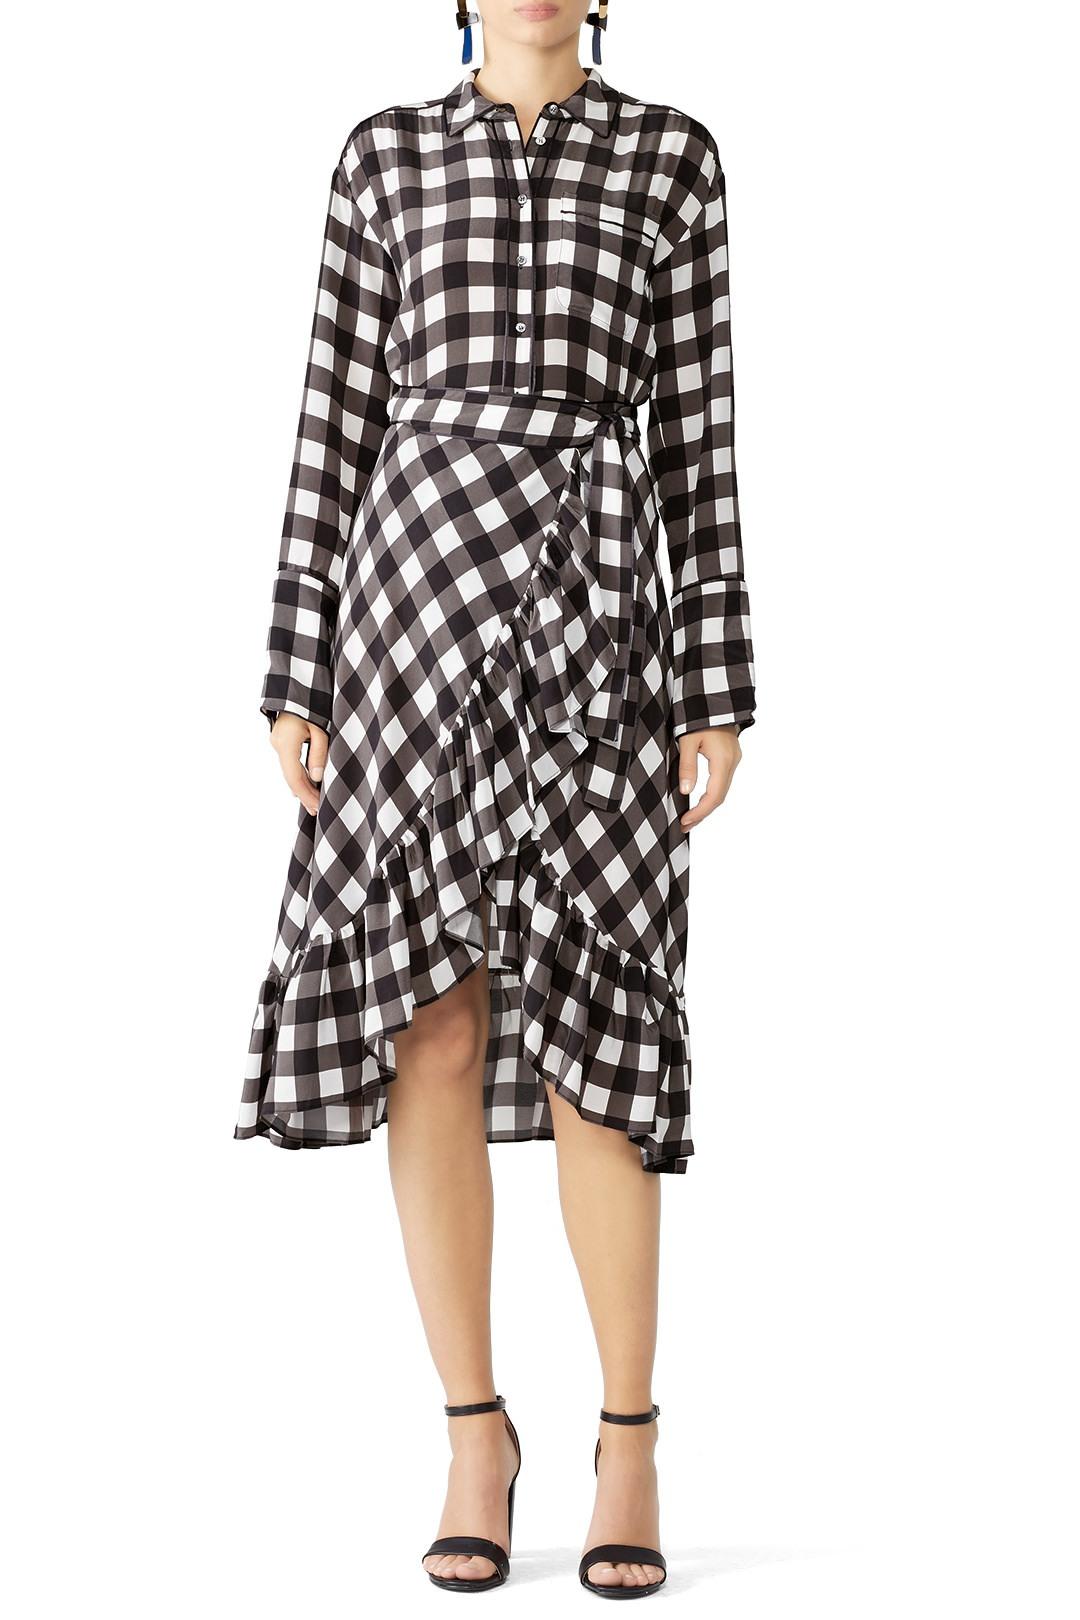 Marissa Webb Plaid Scarlet Print Dress - Idk I just like dis